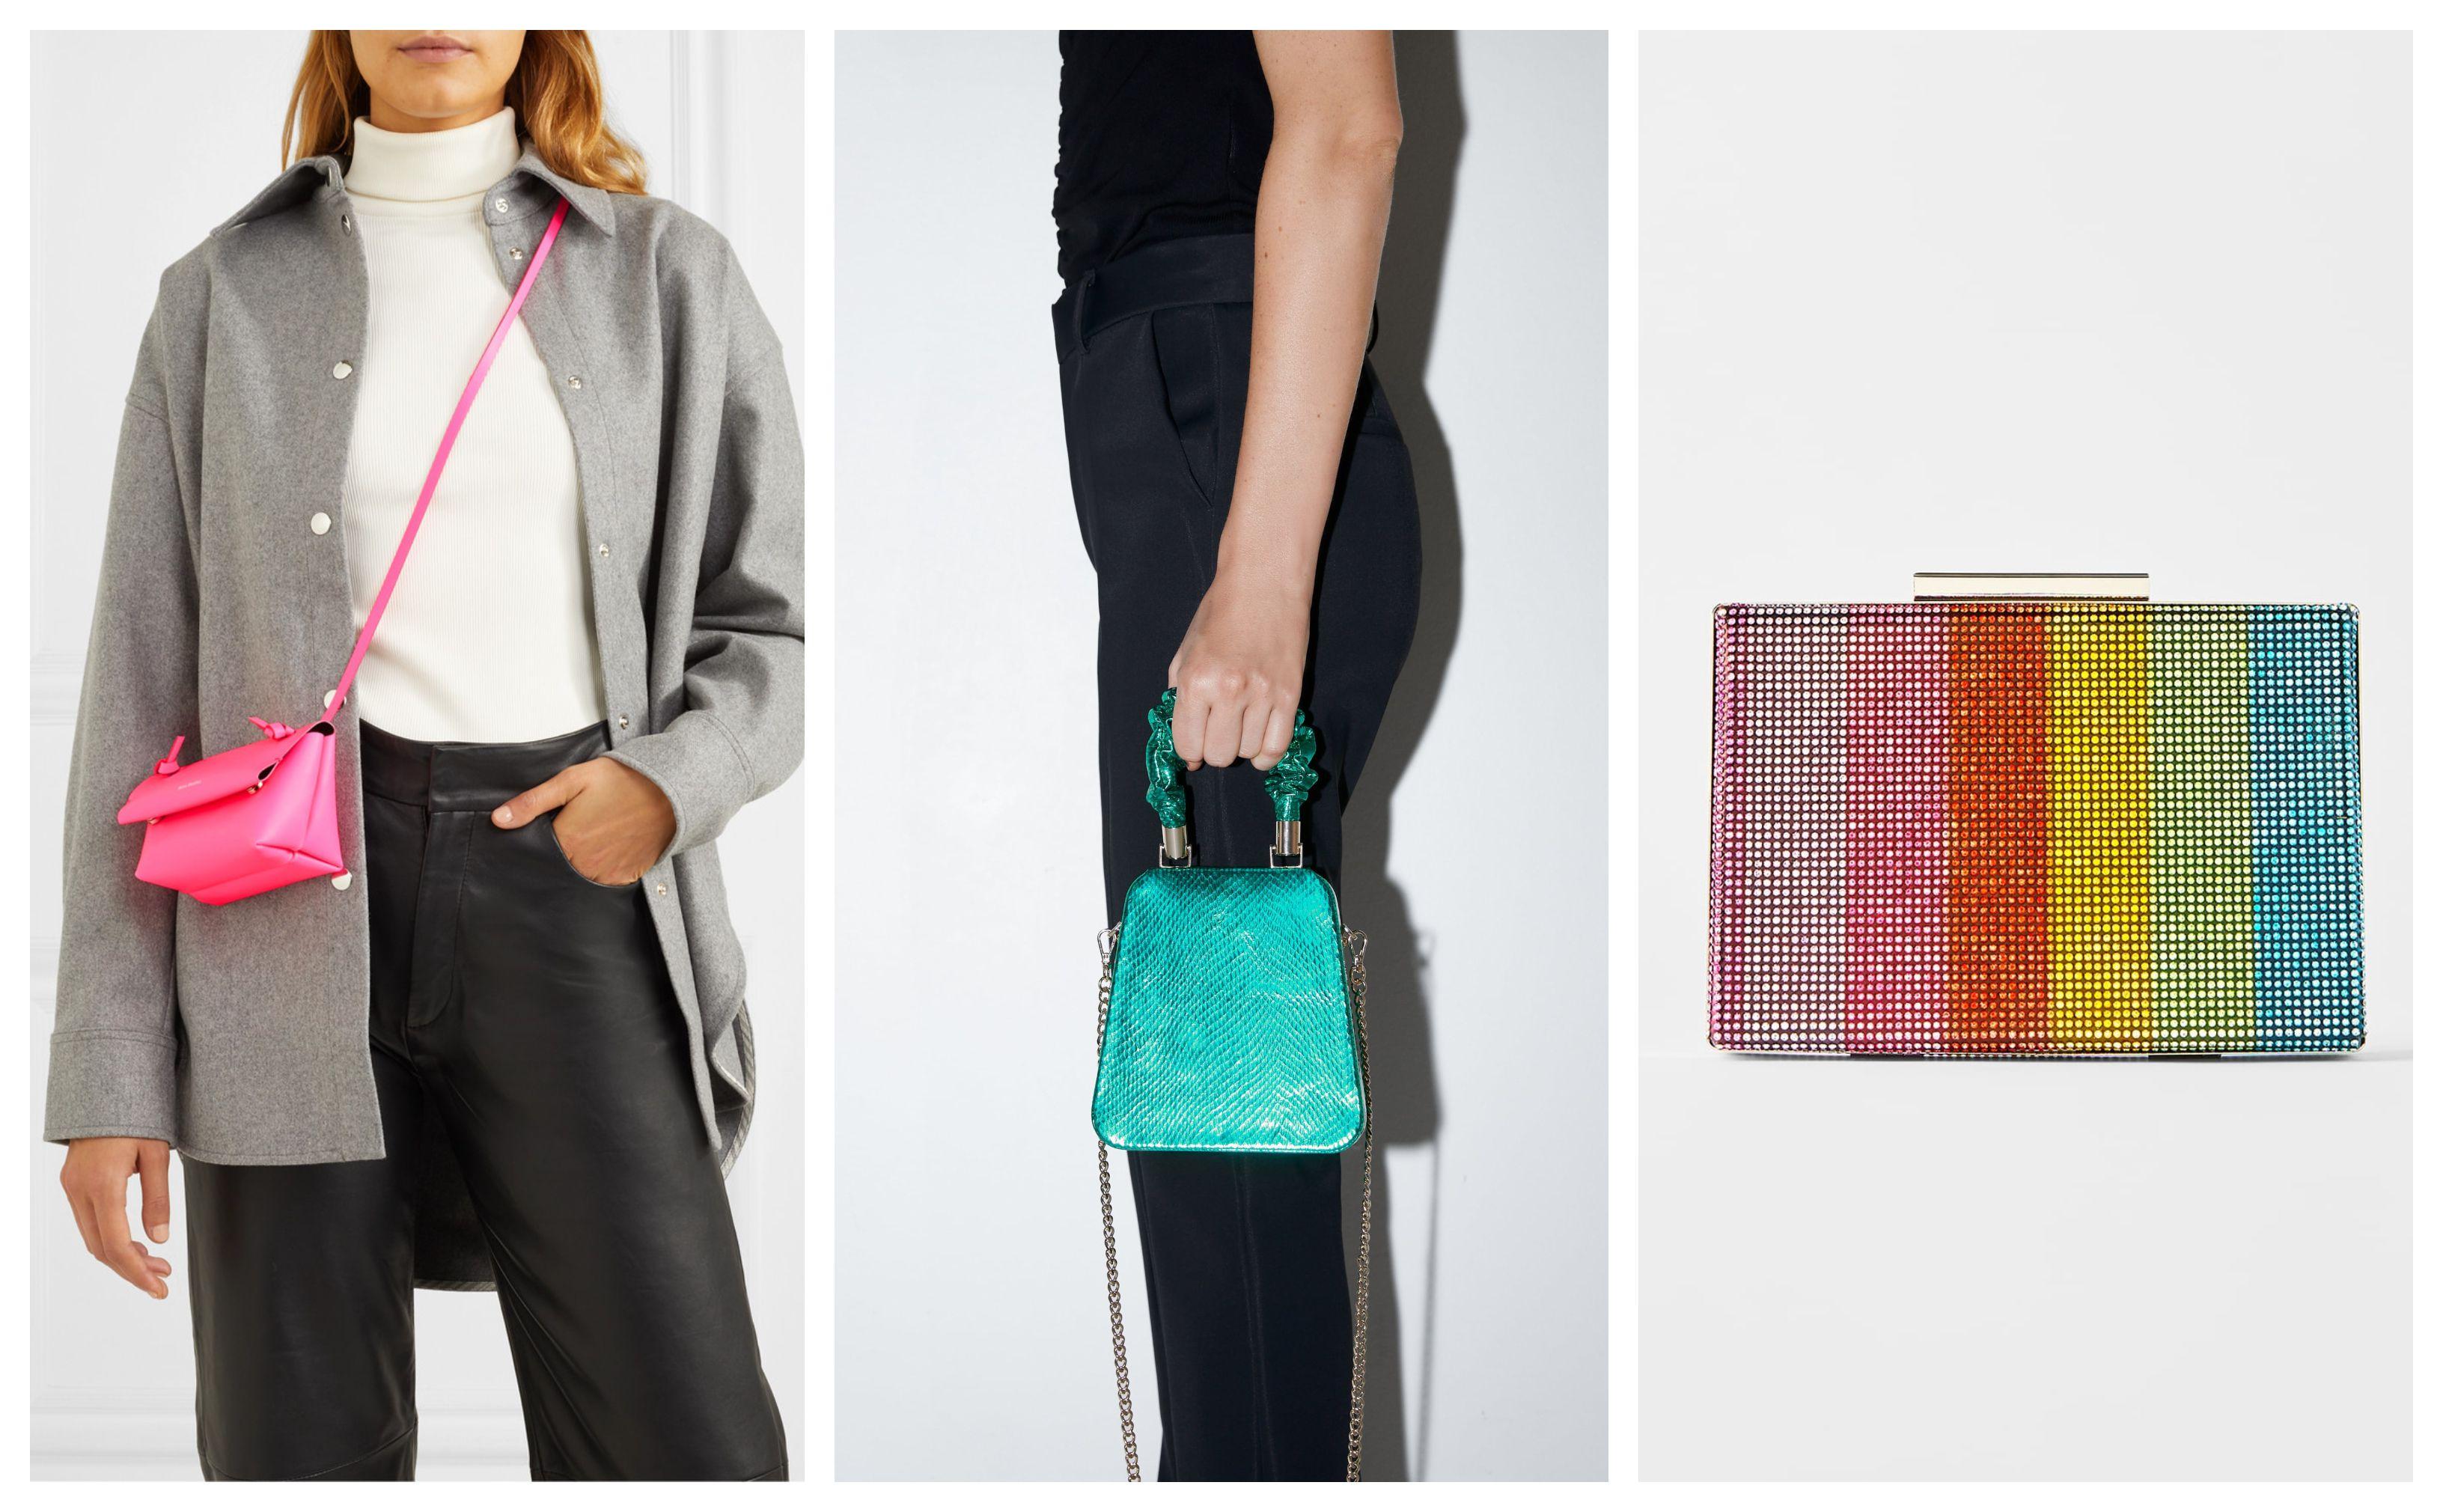 Jesen kaže: Ove sezone nose se torbice u boji! Izabrali smo neke iz dućana